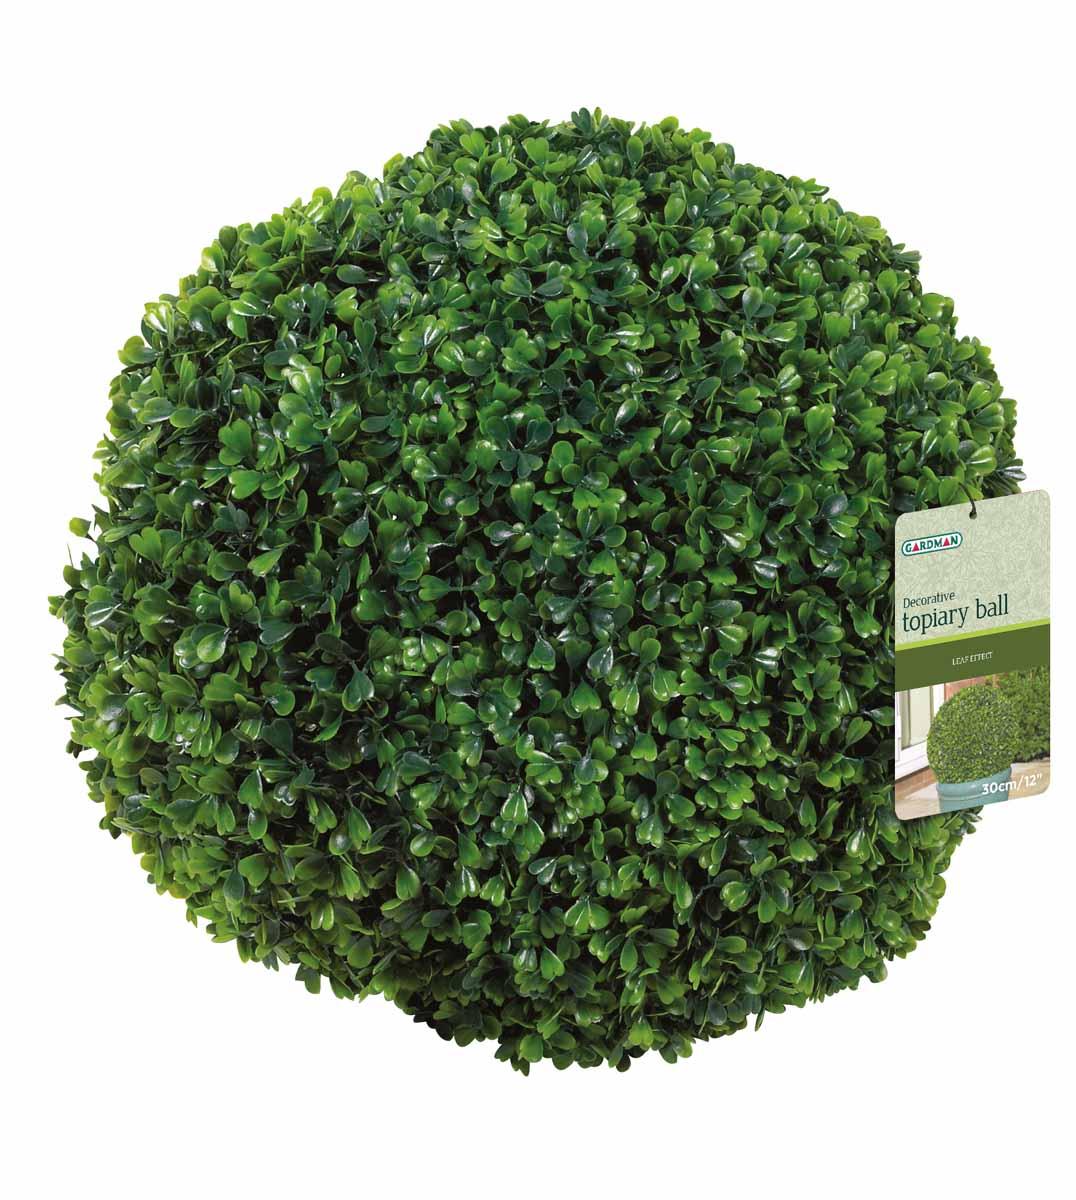 Искусственное растение Gardman Topiary Ball. Самшит, цвет: зеленый, диаметр 30 см02802Искусственное растение Gardman Topiary Ball выполнено из пластика в виде шара. Листья растения зеленого цвета имитируют самшит. К растению прикреплены три цепочки с крючком, за который его можно повесить в любое место. Также растение можно поместить в горшок. Растение устойчиво к воздействиям внешней среды, таким как влажность, солнце, перепады температуры, не выцветает со временем. Искусственное растение Gardman Topiary Ball великолепно украсит интерьер офиса, дома или сада.Характеристики:Материал: пластик, металл. Цвет: зеленый. Диаметр шара: 30 см. Длина цепочек с крючком: 25 см.